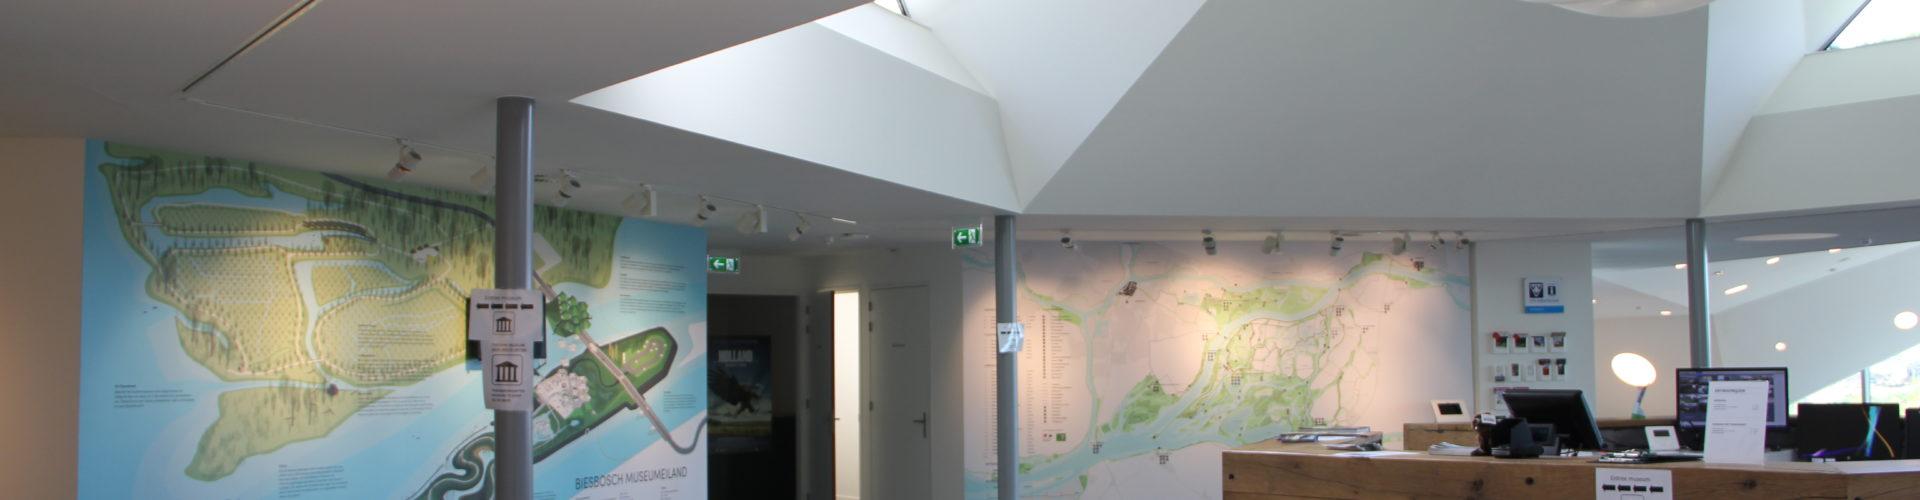 Bezoekerscentrum Biesboschmuseum